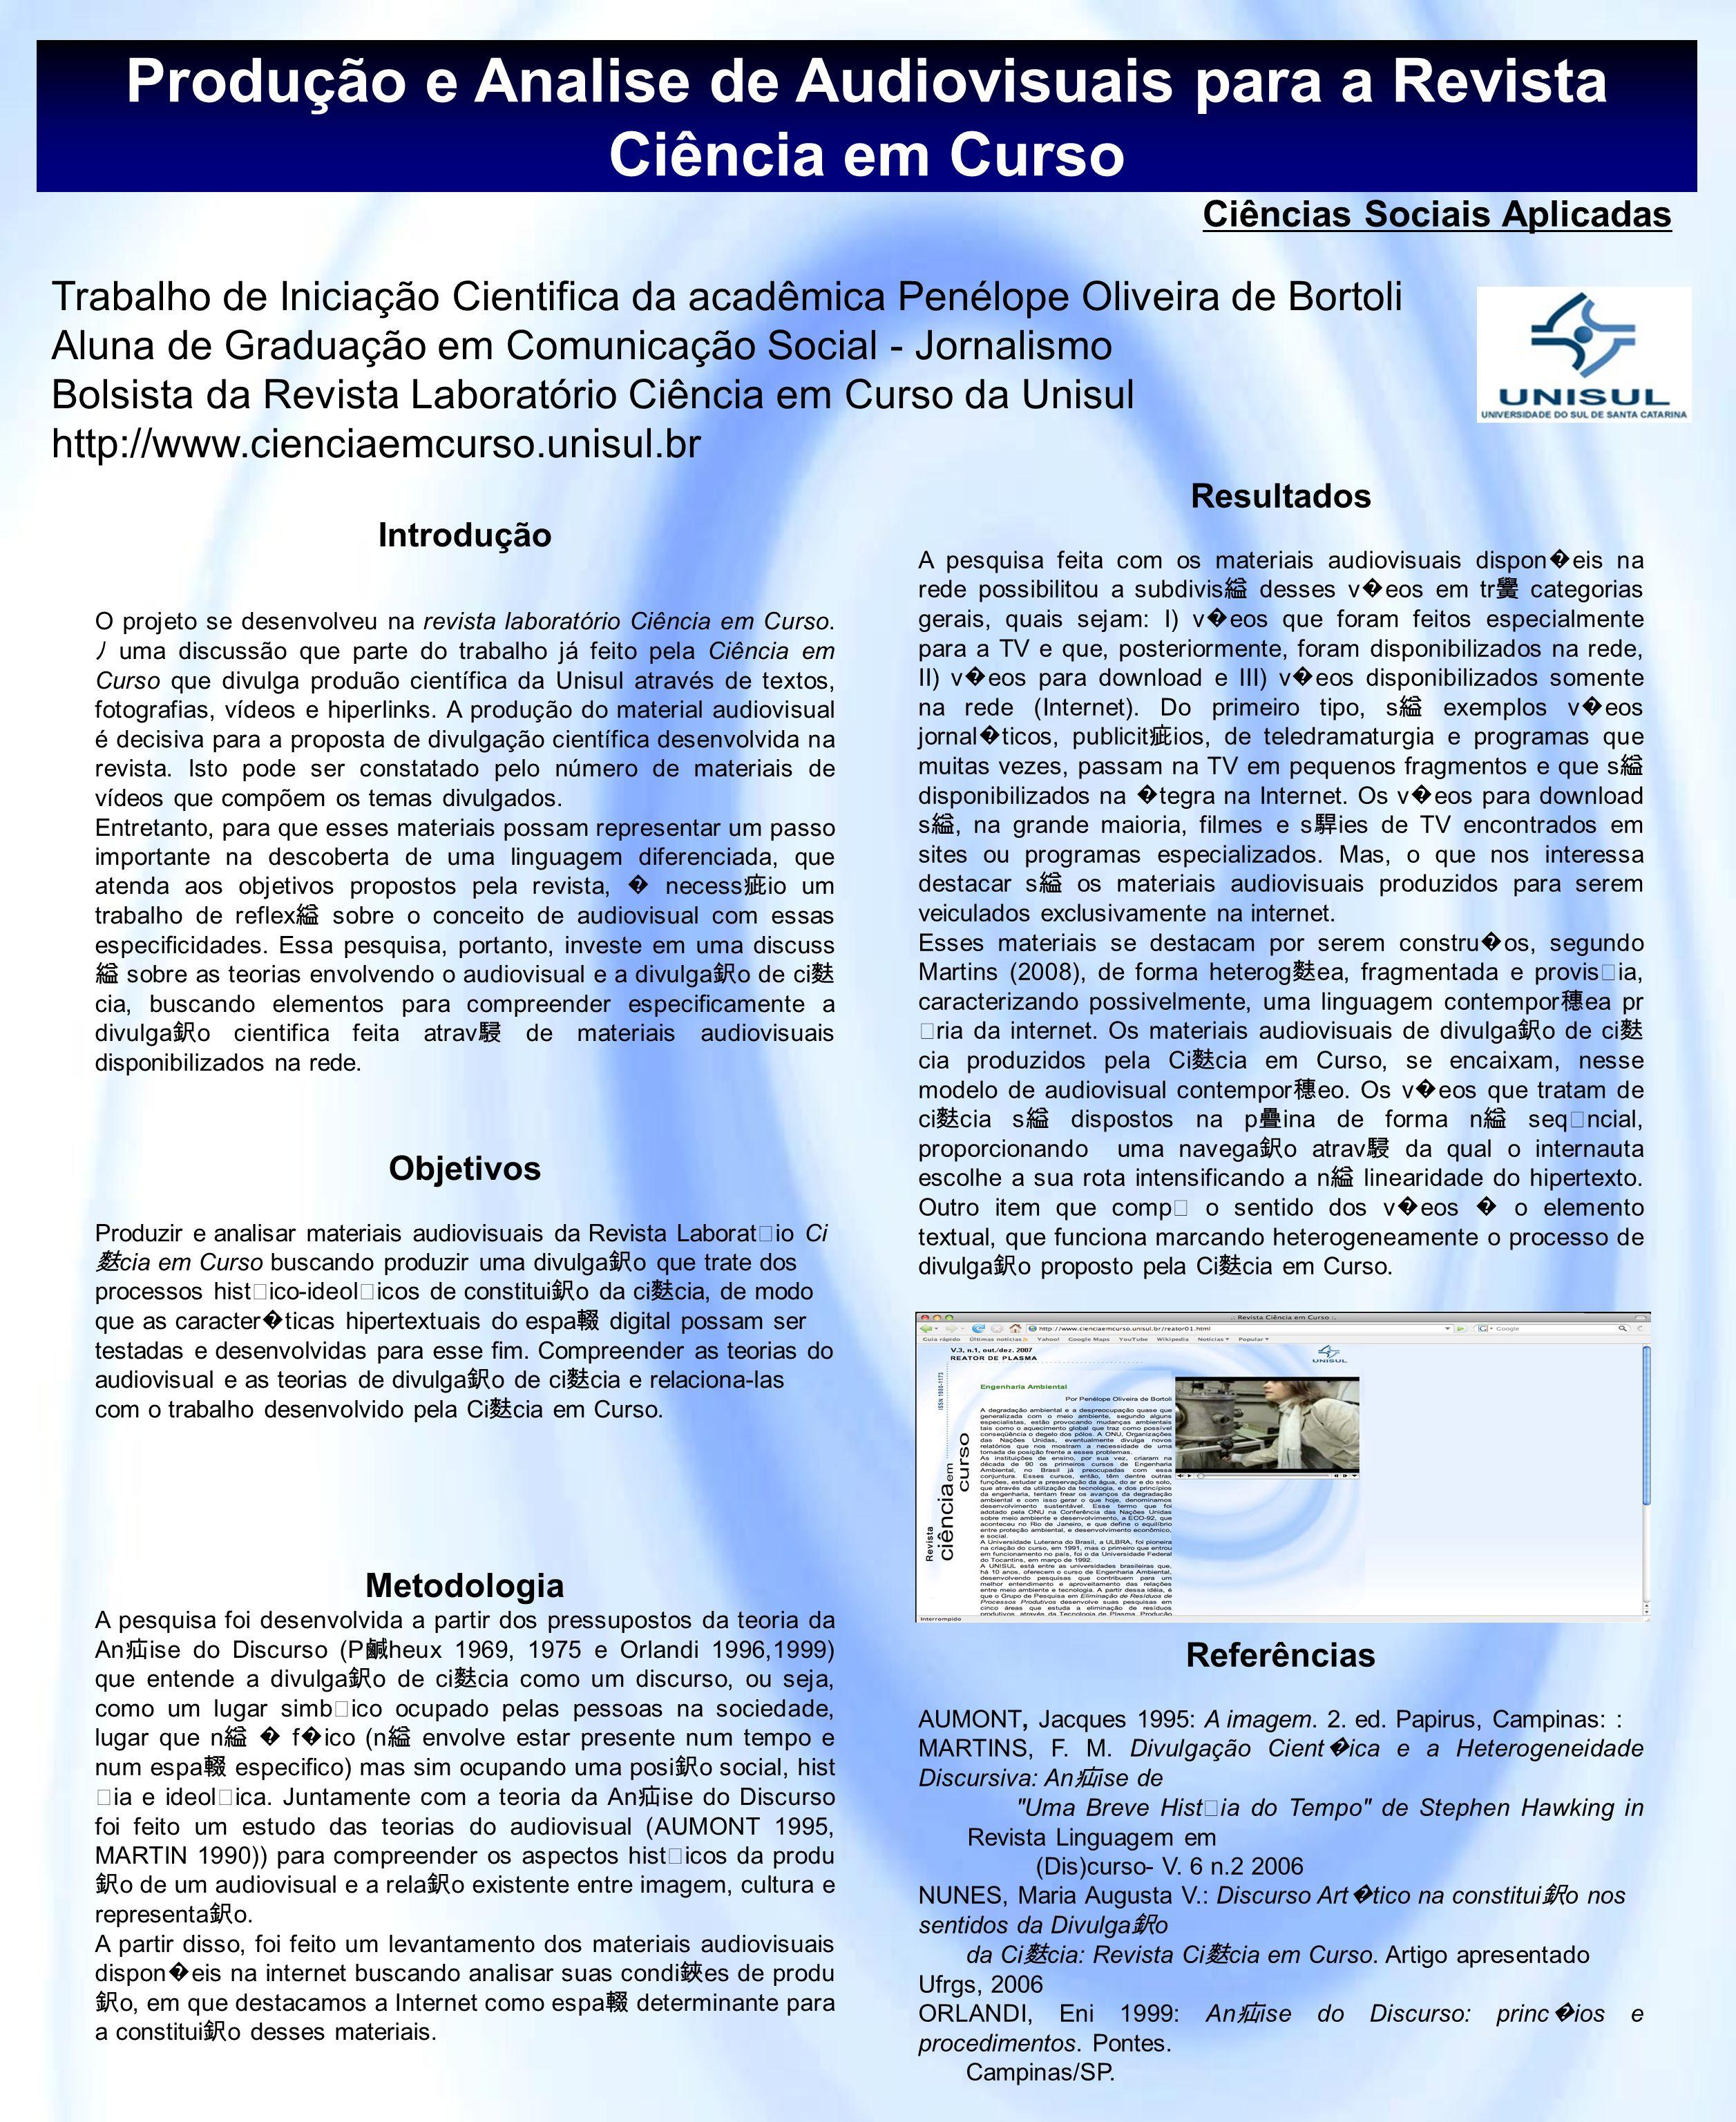 Produção e Analise de Audiovisuais para a Revista Ciência em Curso Trabalho de Iniciação Cientifica da acadêmica Penélope Oliveira de Bortoli Aluna de